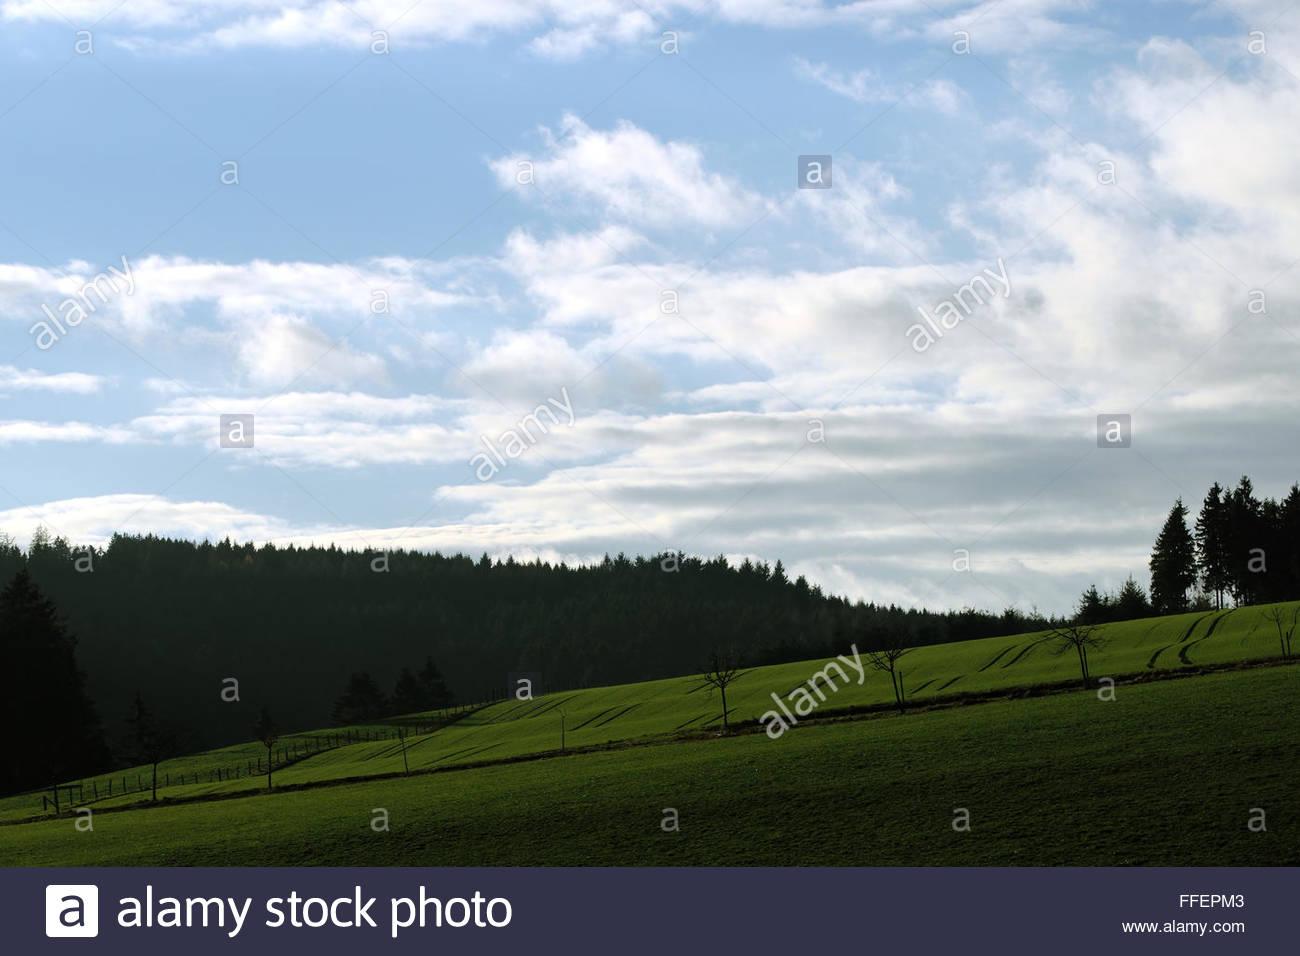 Idyll landscape - Stock Image